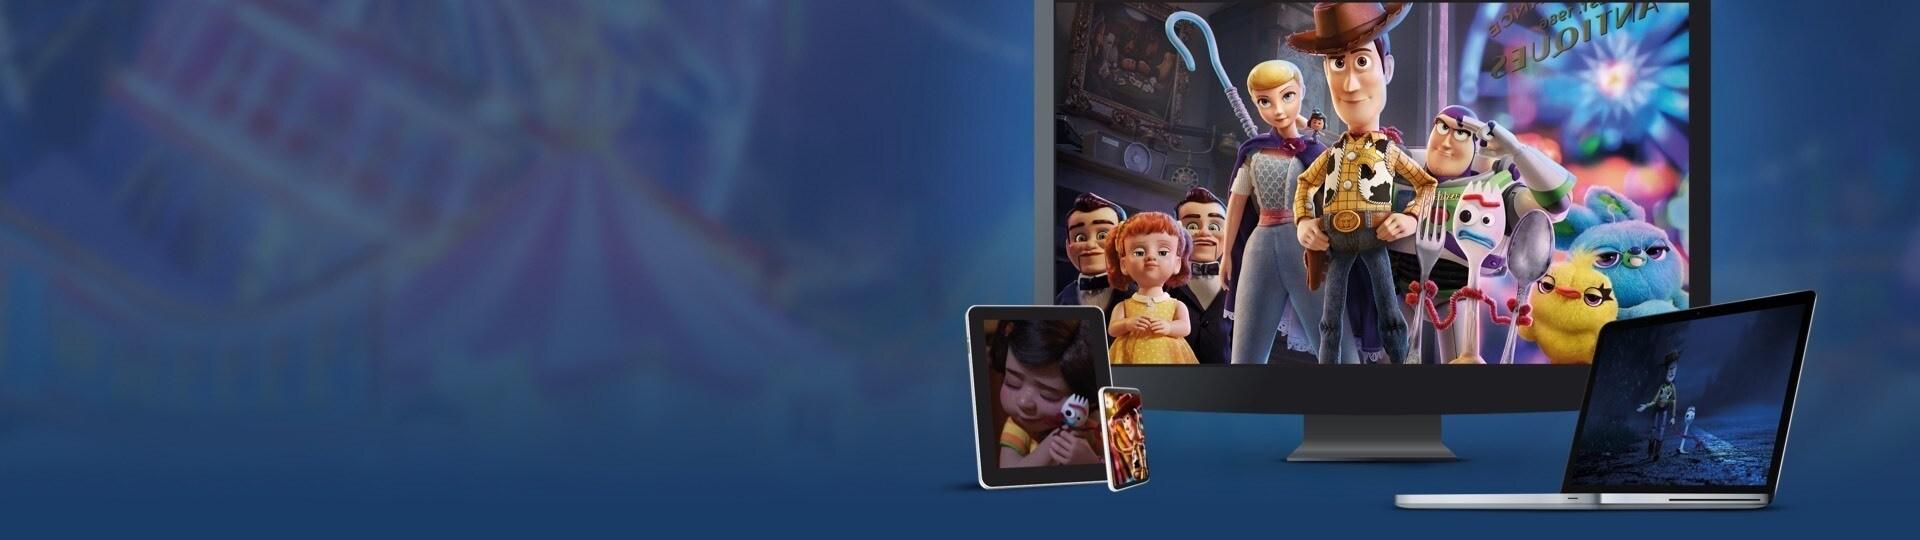 Toy Story 4 | Disponible para descargar y disfrutar